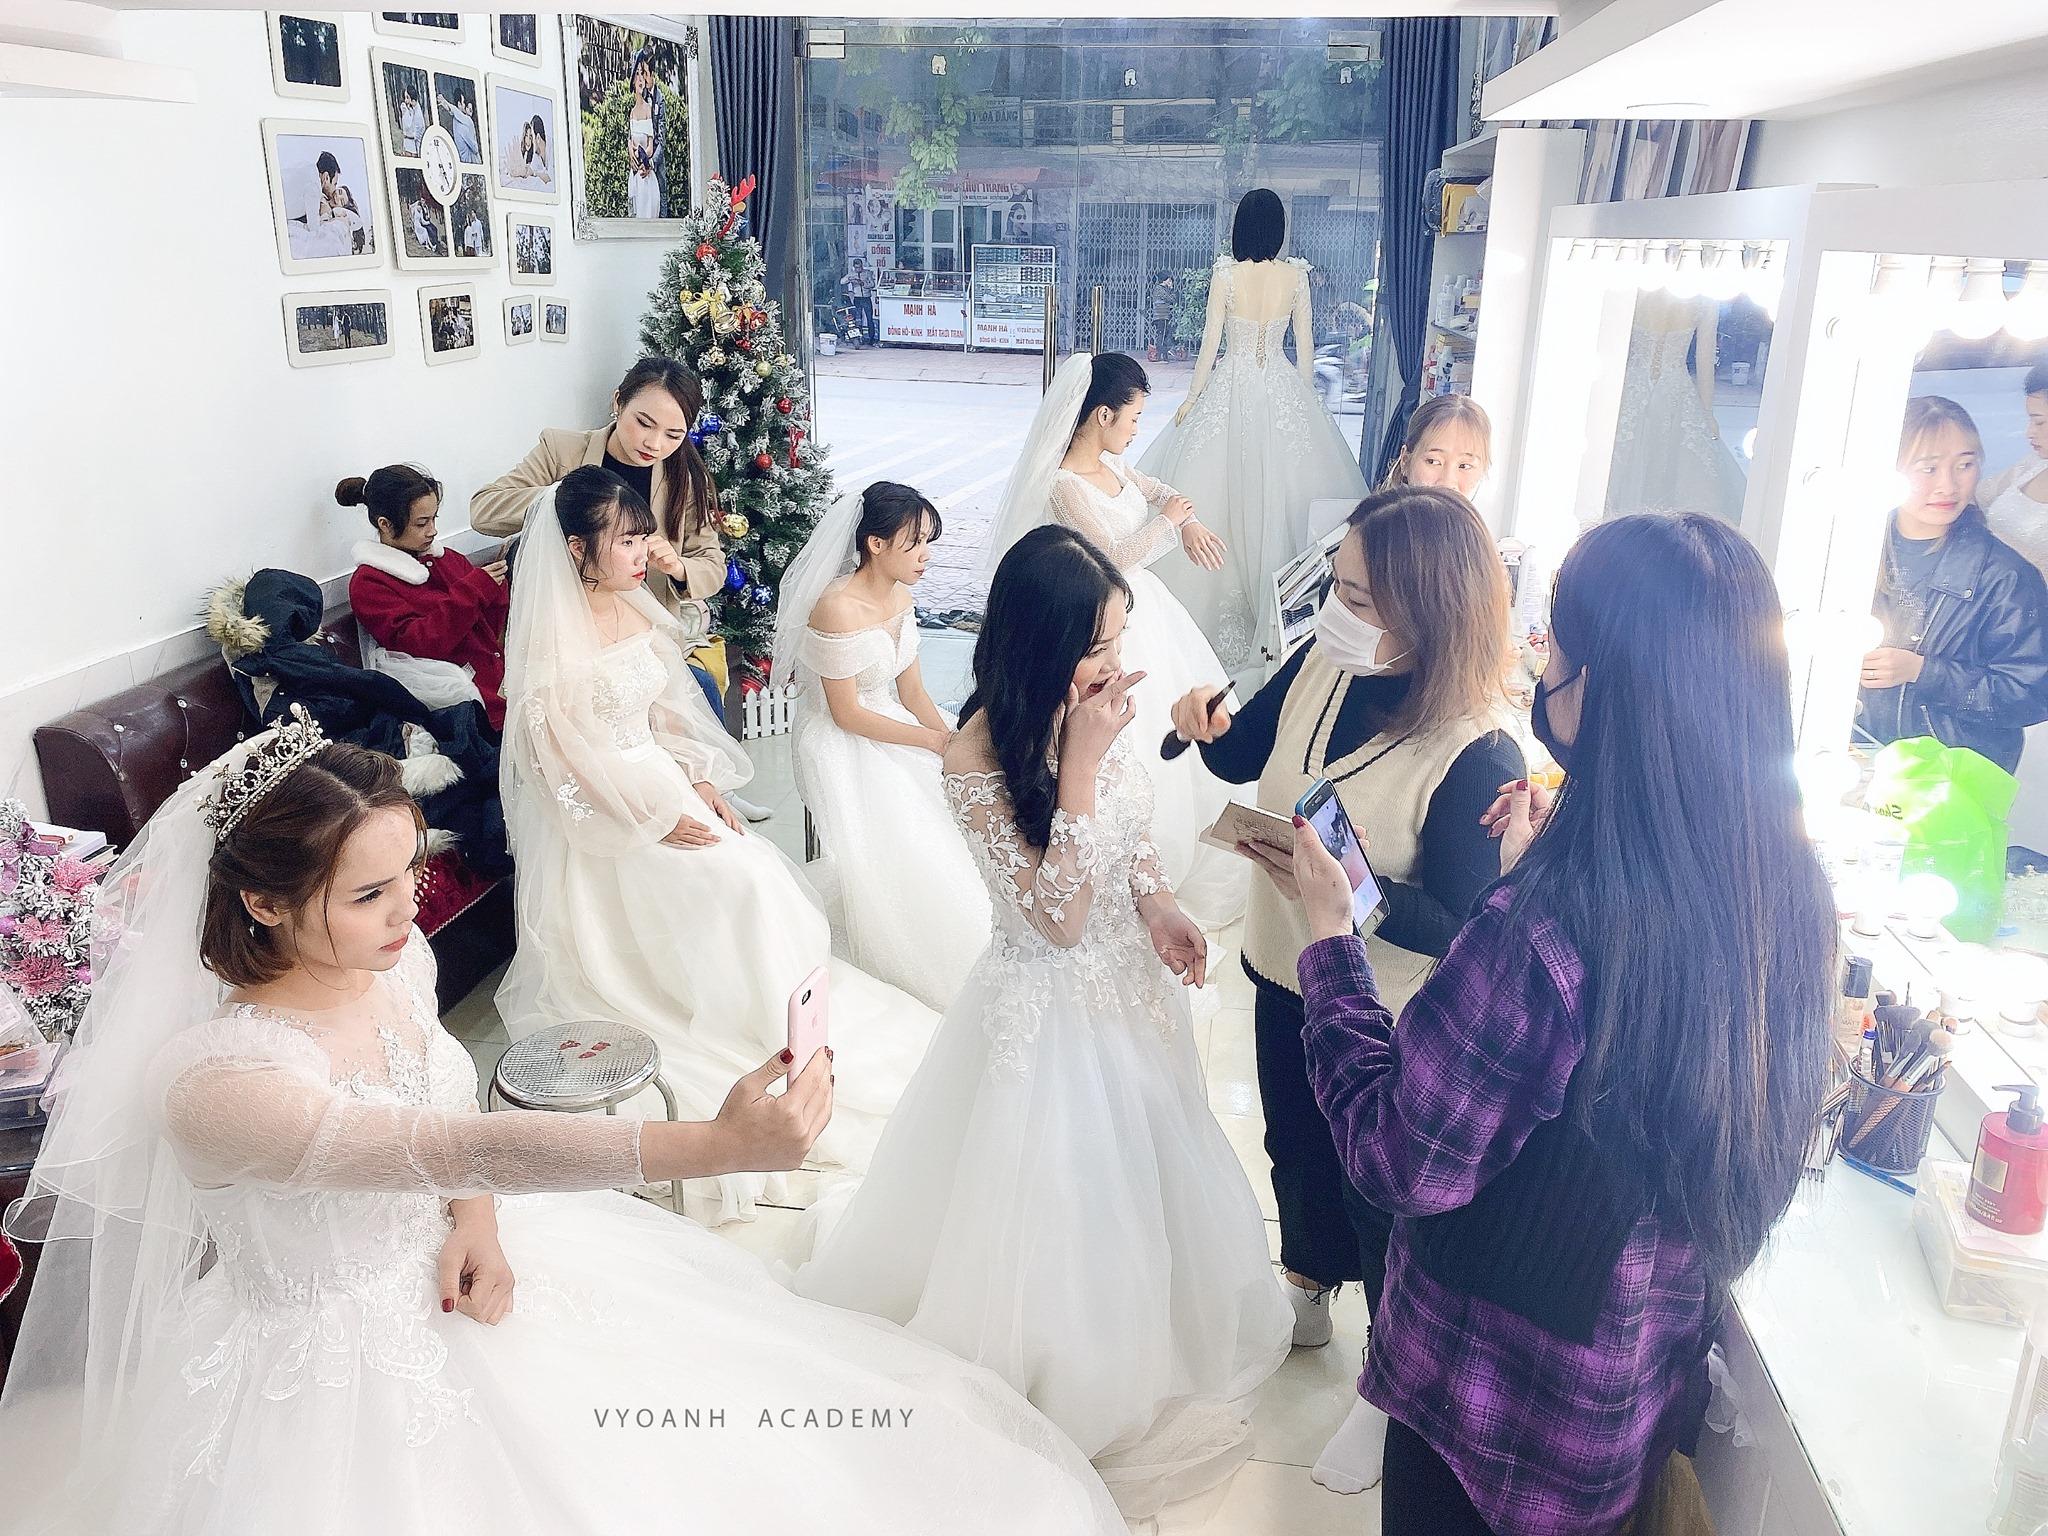 Áo cưới Vy Oanh - Chuyên đào tạo học viên tại Bắc Giang